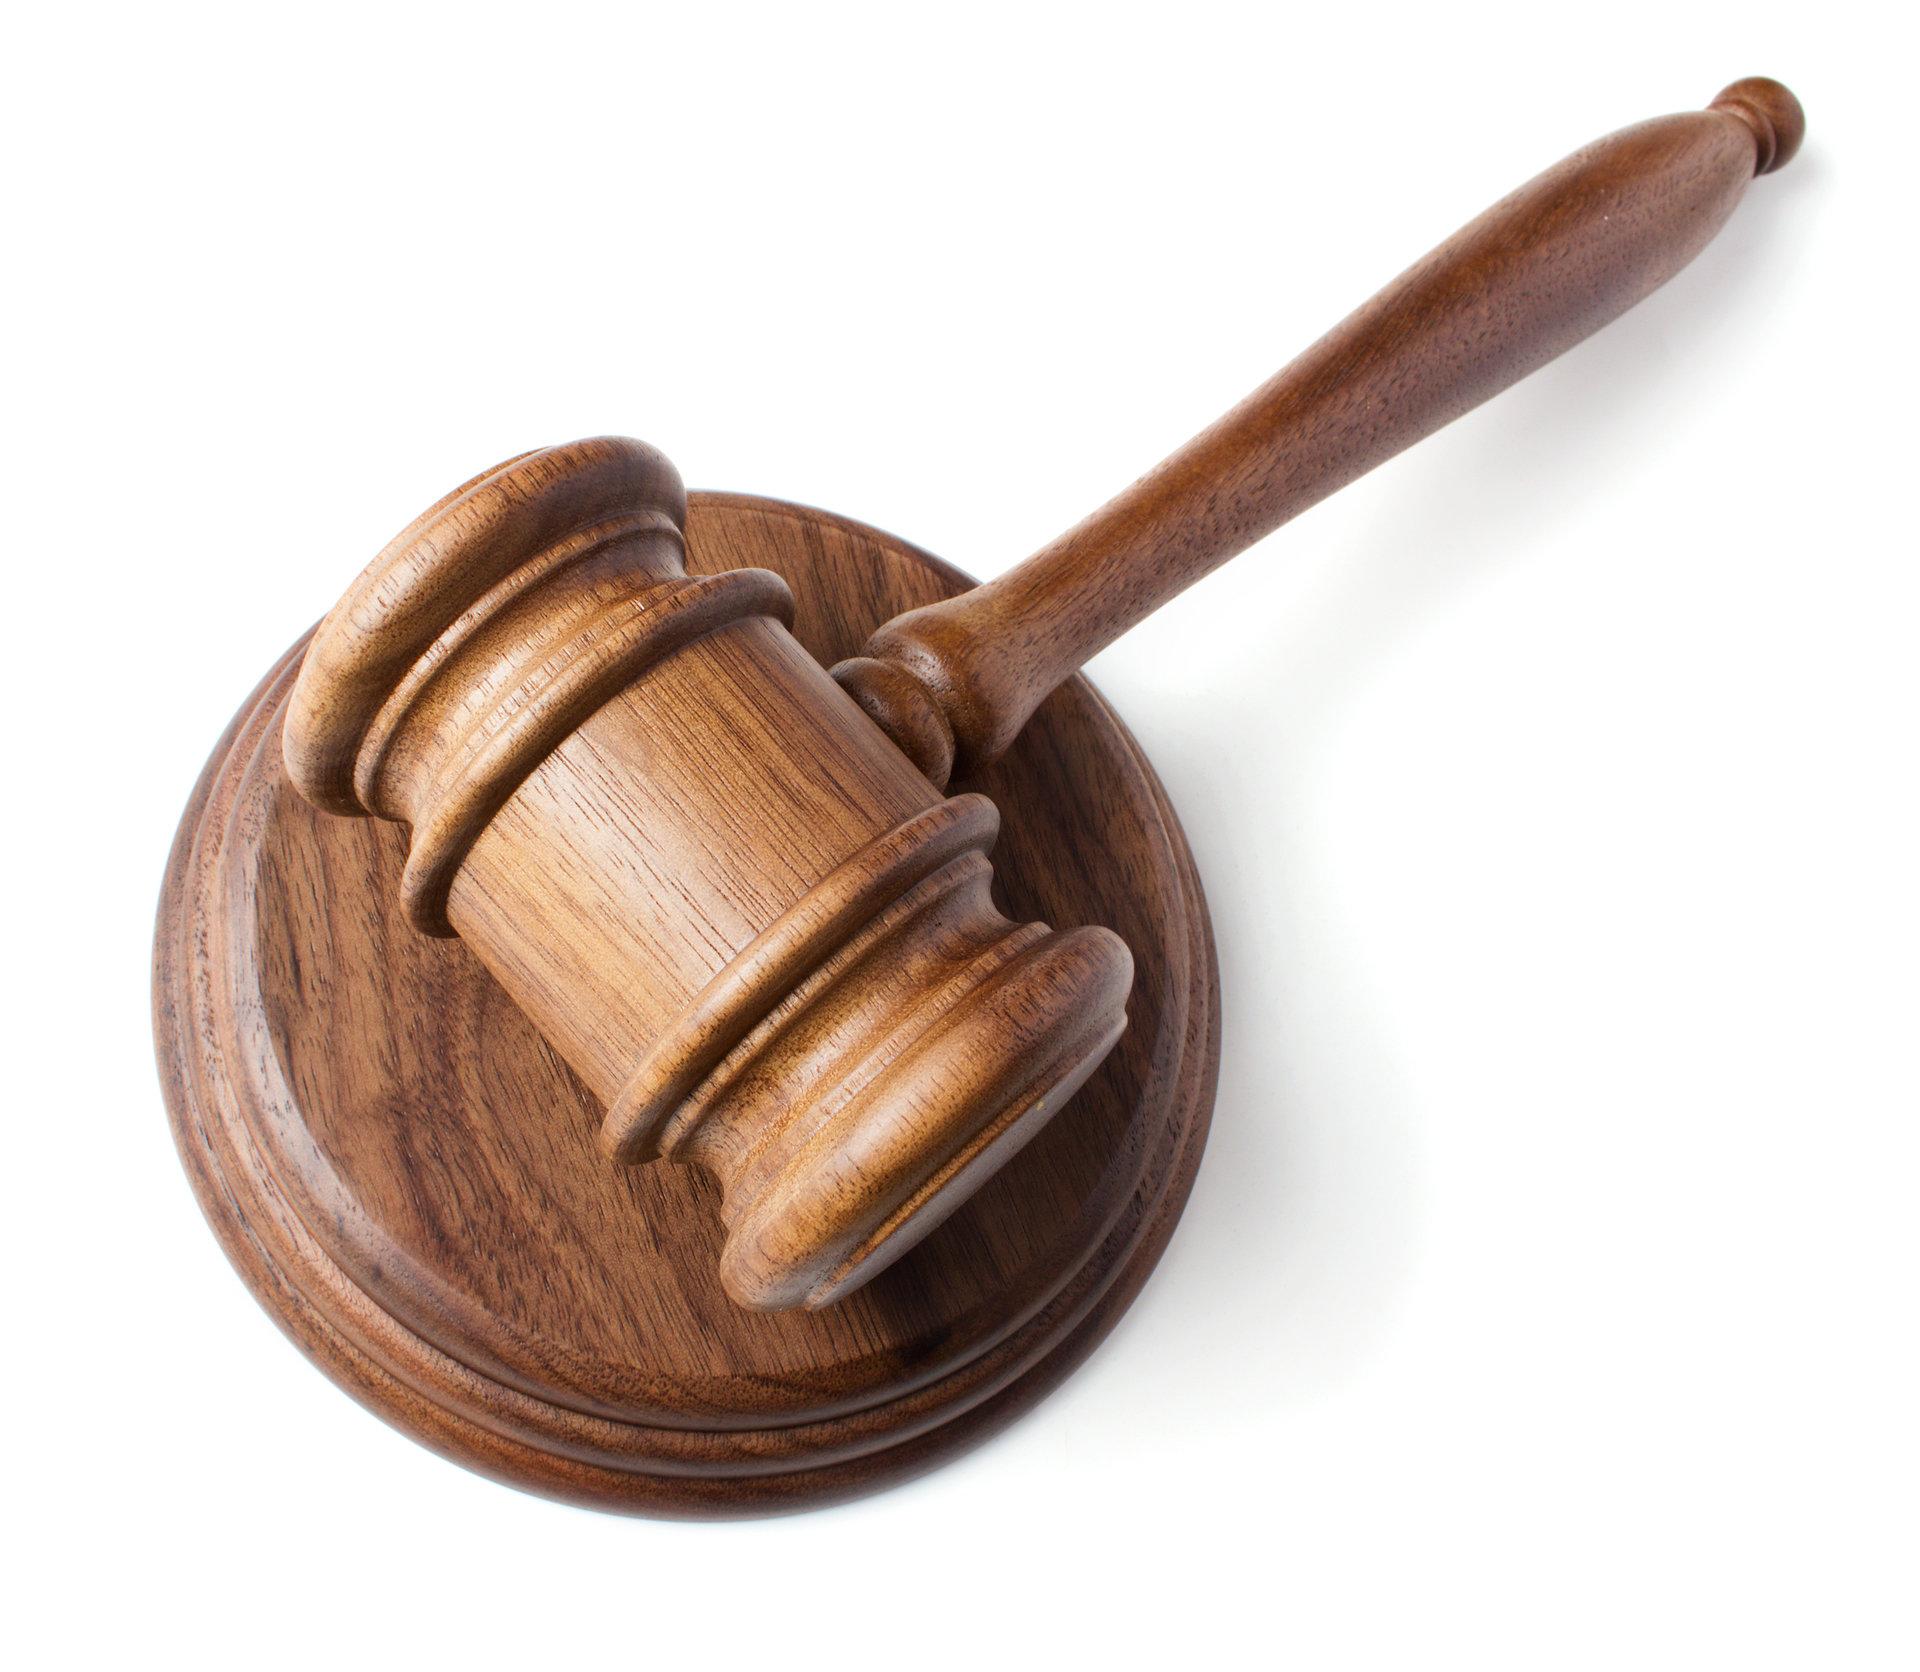 Skuteczność podniesienia zarzutu przedawnienia roszczenia w postępowaniu cywilnym w świetle instytucji nadużycia prawa podmiotowego